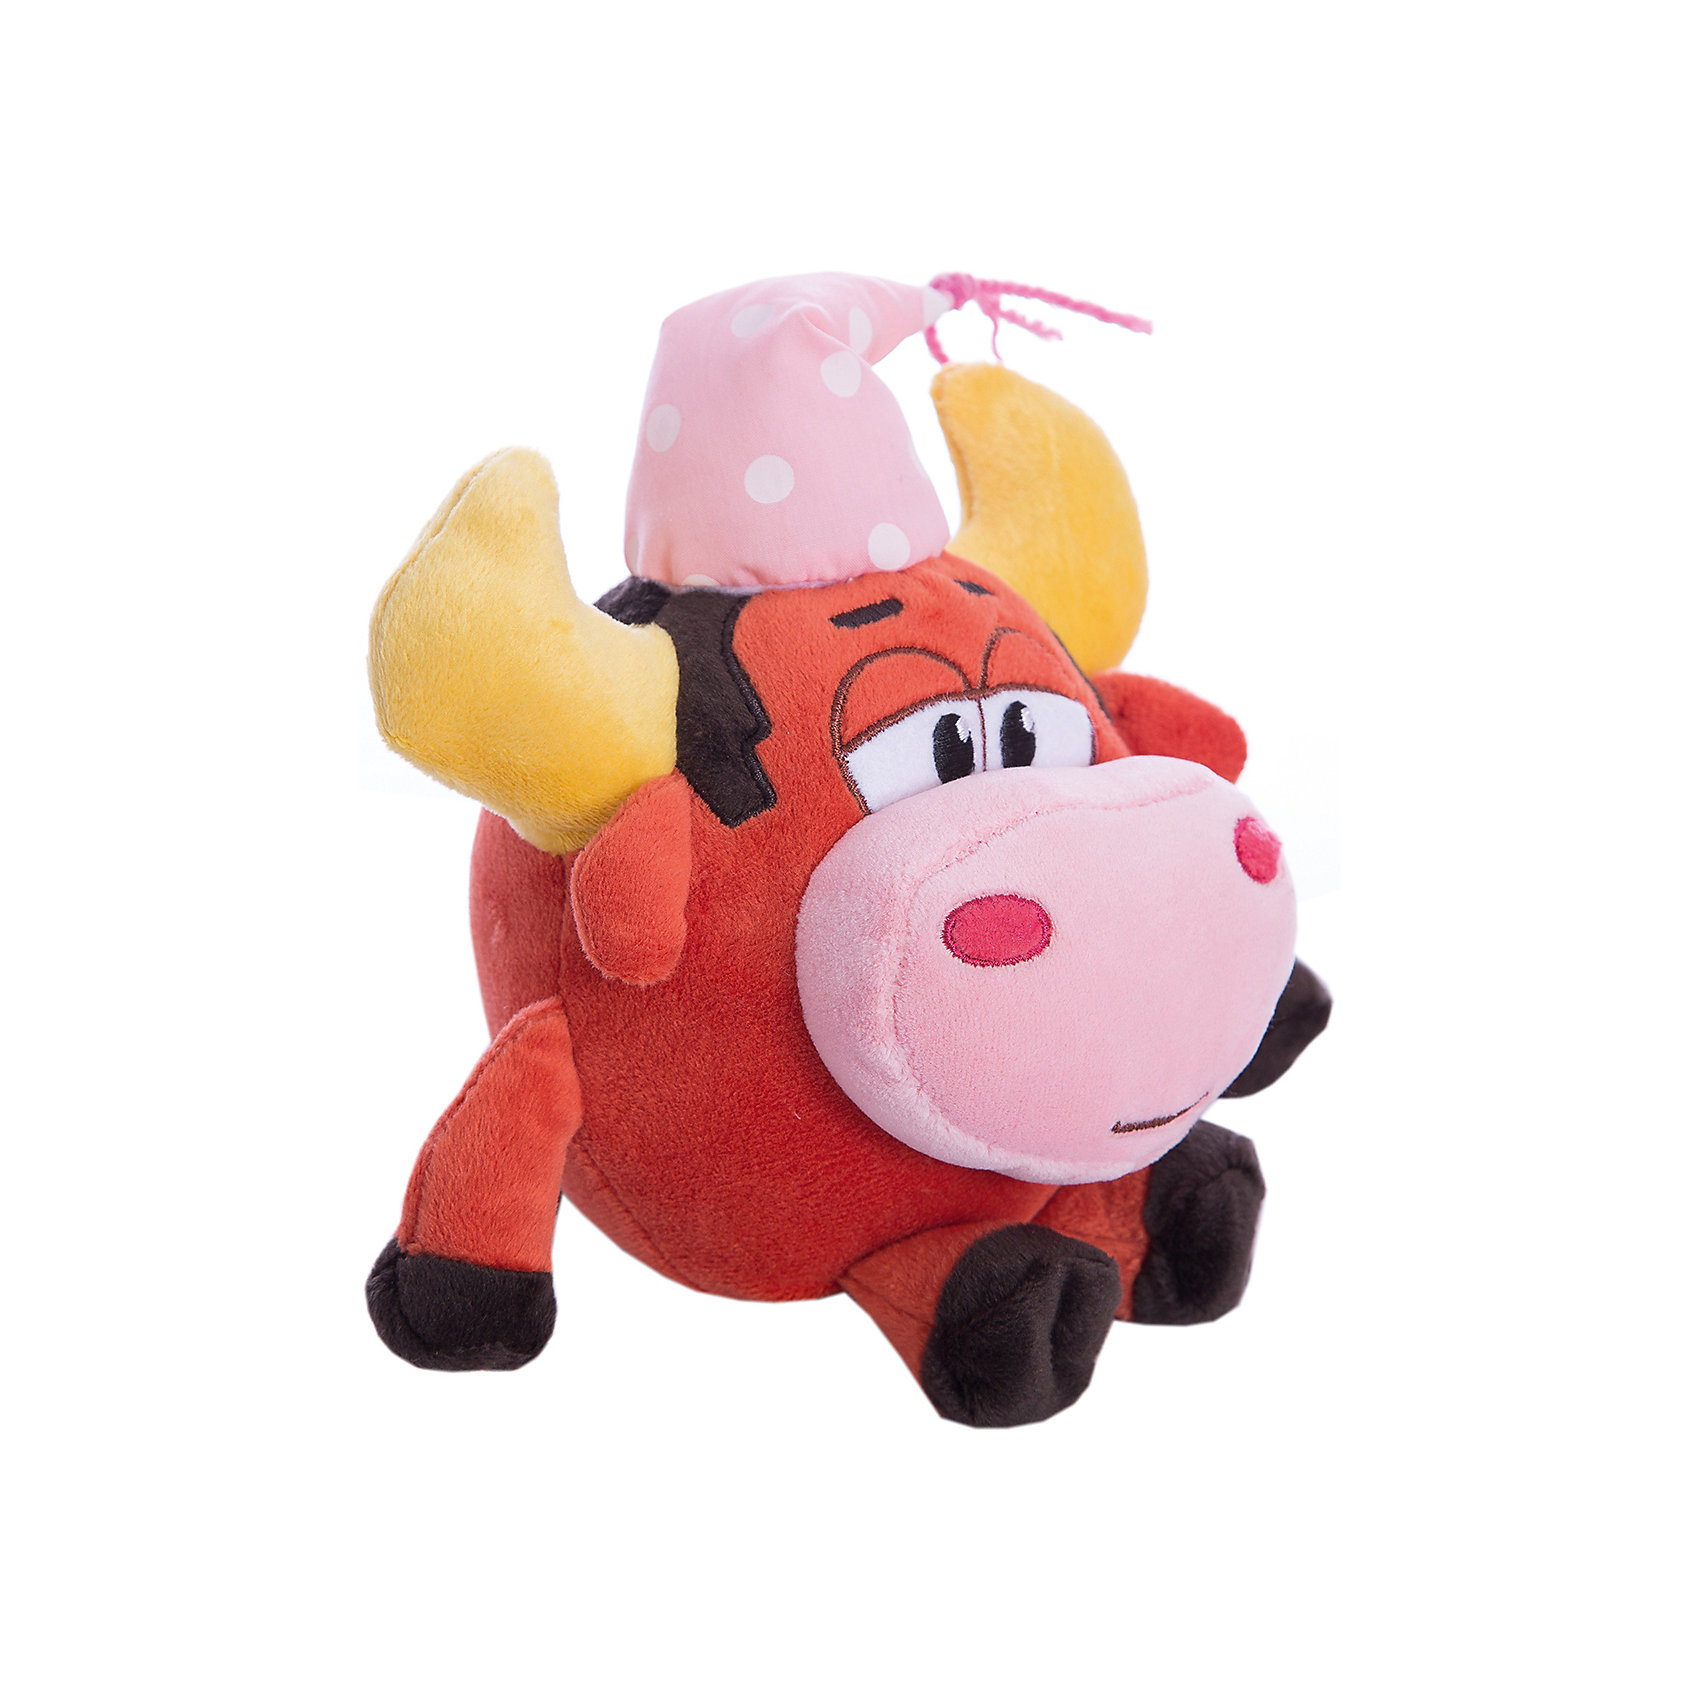 Мягкая игрушка Муля, 20 см, СмешарикиЛюбимые герои<br>Очаровательный Муля, герой известного мультсериала, обязательно понравится малышам! Яркая игрушка очень мягкая и приятная на ощупь, изготовлена из высококачественных гипоаллергенных материалов безопасных для детей.<br><br>Дополнительная информация:<br><br>- Материал: плюш, текстиль, синтепон. <br>- Размер: 20 см.<br><br>Мягкую игрушку Мулю, 20 см, Смешарики, можно купить в нашем магазине.<br><br>Ширина мм: 200<br>Глубина мм: 170<br>Высота мм: 200<br>Вес г: 250<br>Возраст от месяцев: 36<br>Возраст до месяцев: 72<br>Пол: Унисекс<br>Возраст: Детский<br>SKU: 4240029